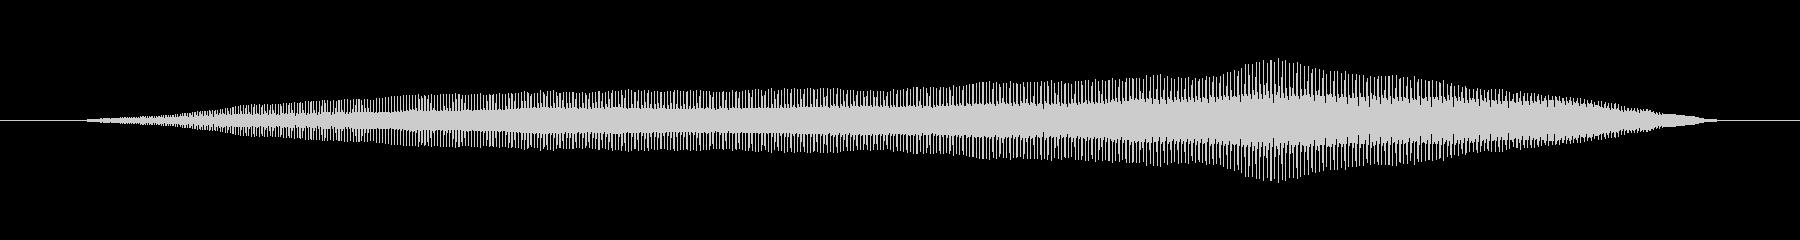 プゥ〜(オナラ)の未再生の波形